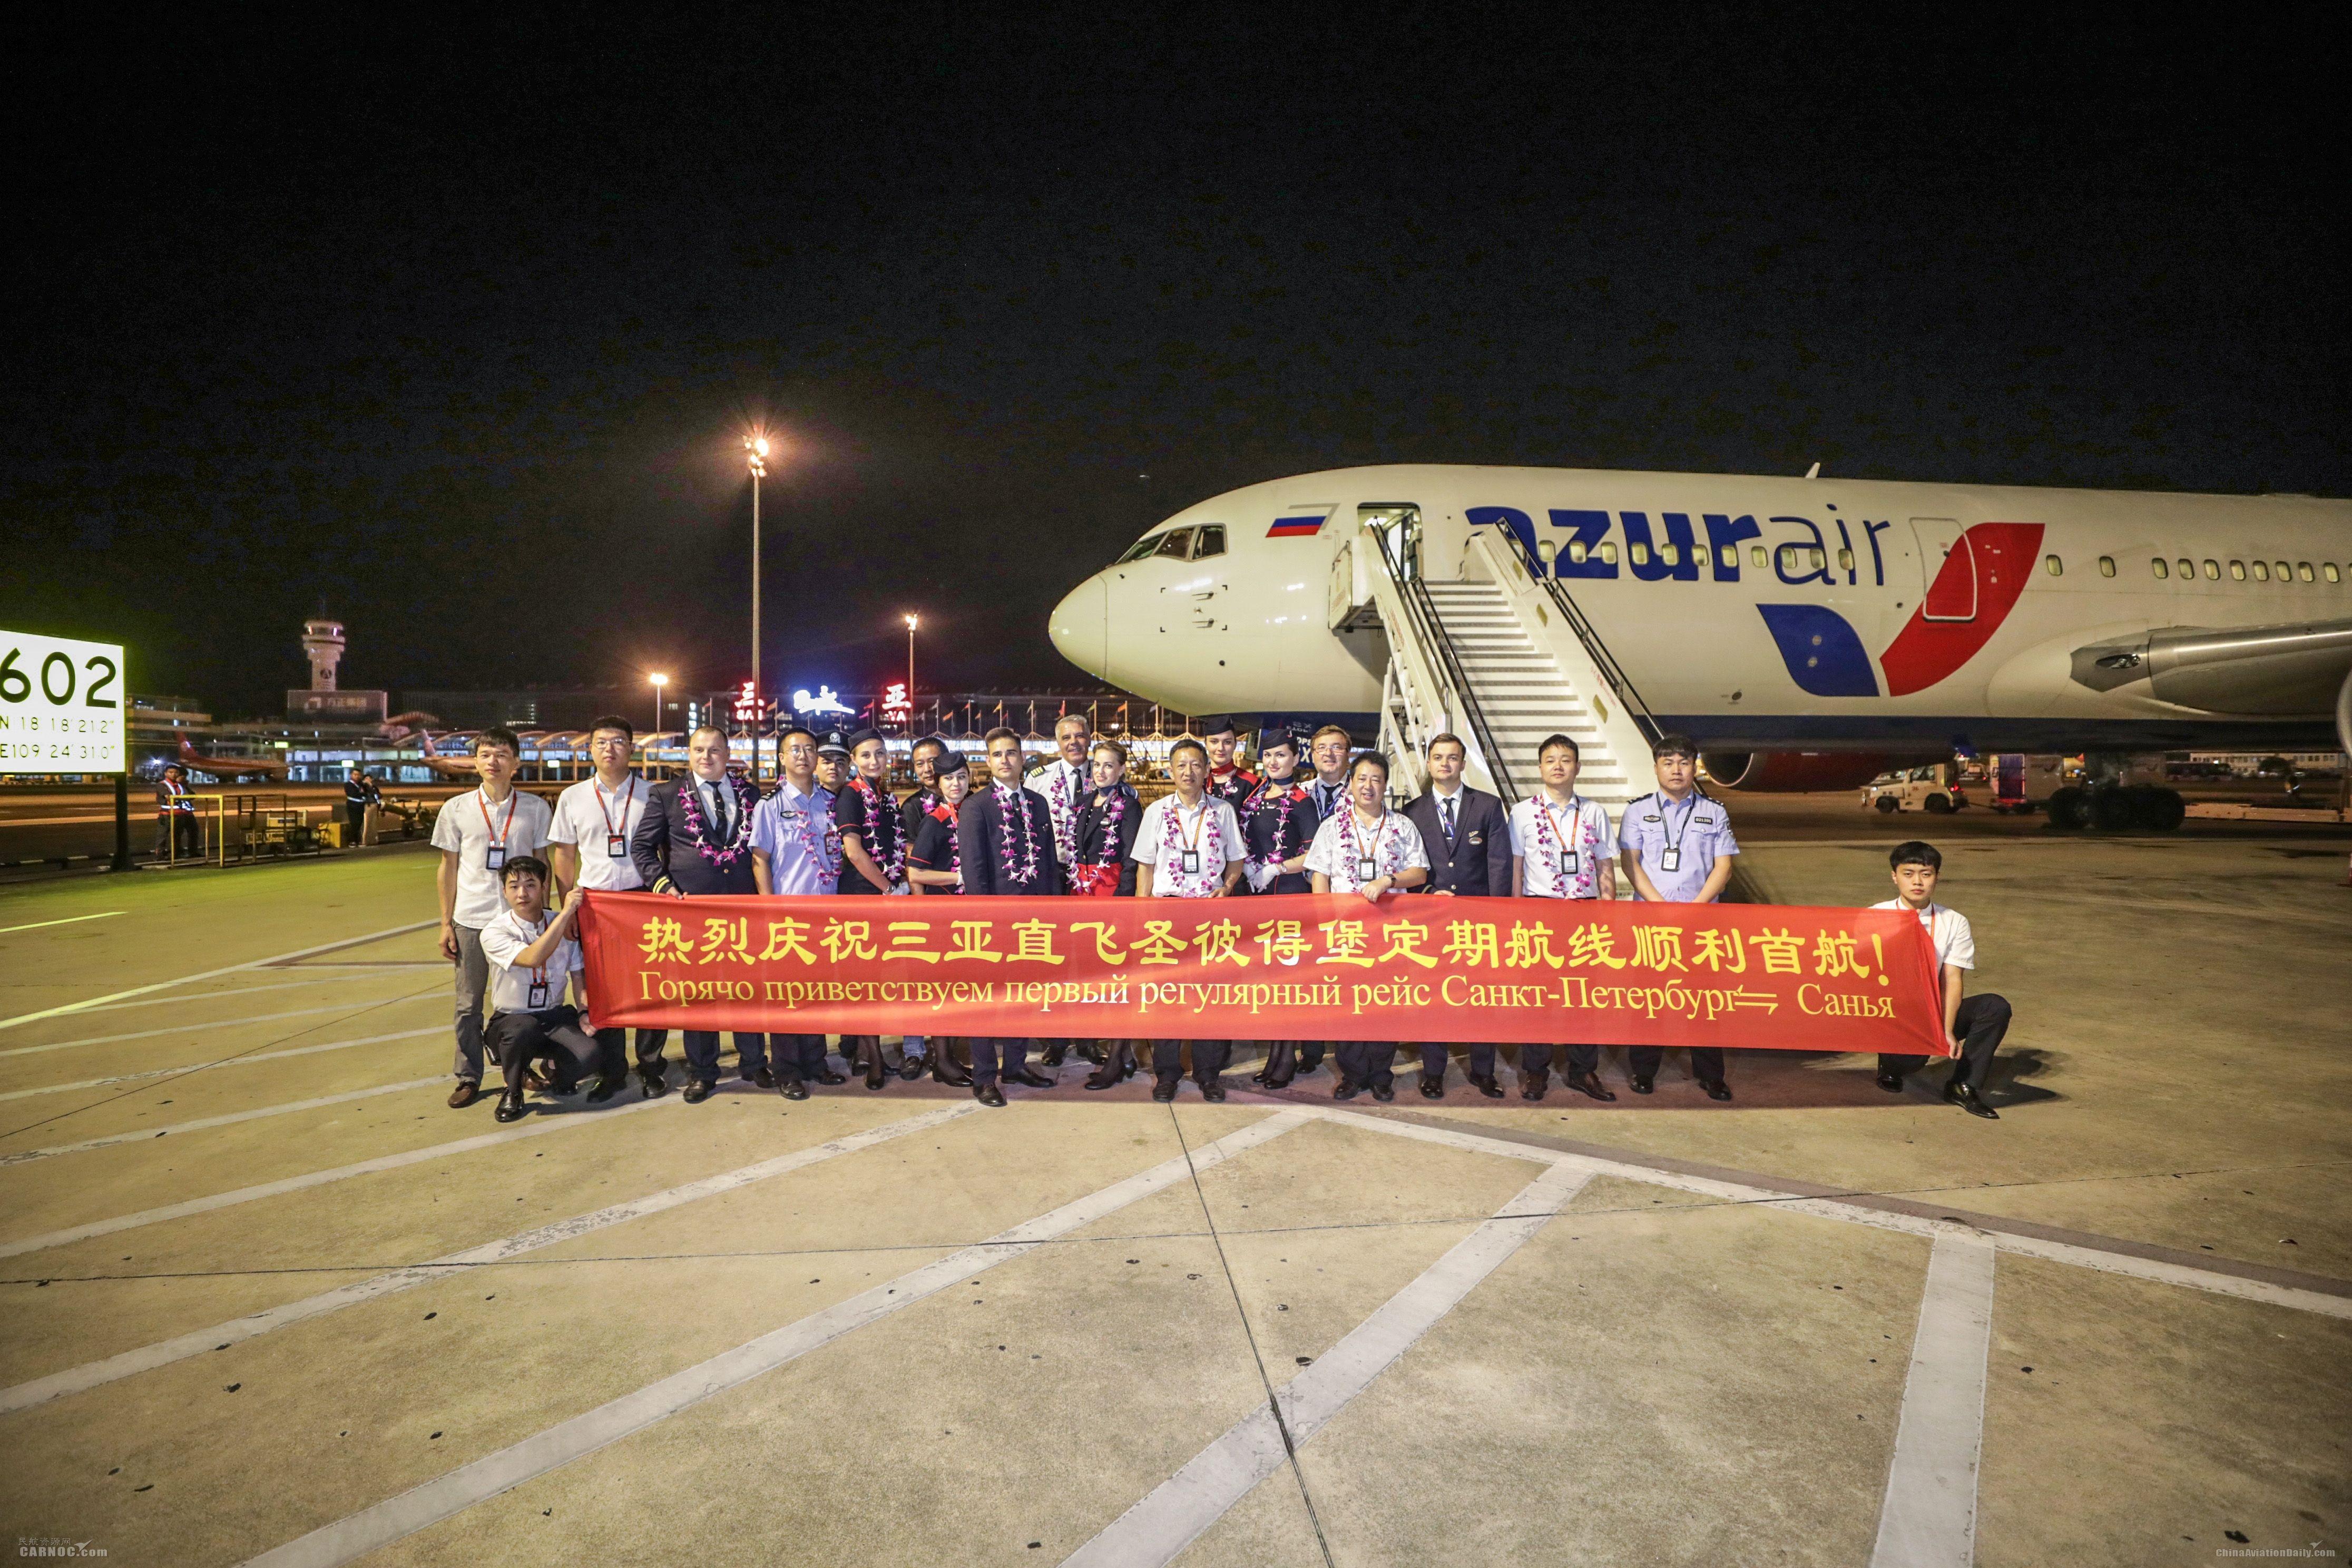 三亚机场顺利开通圣彼得堡定期航线